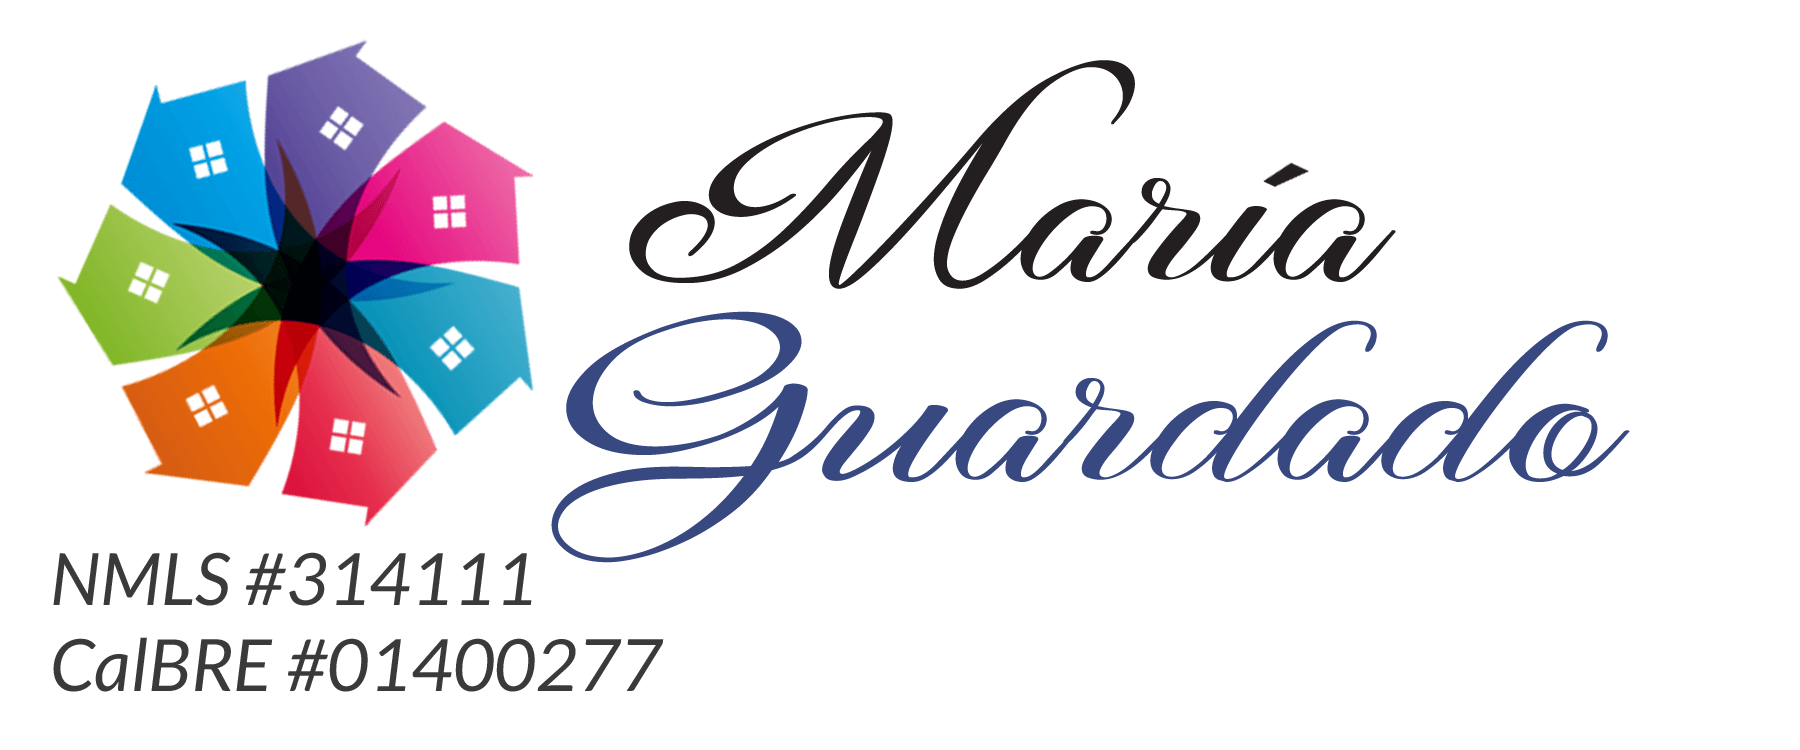 Maria Guardado - Veridian Mortgage